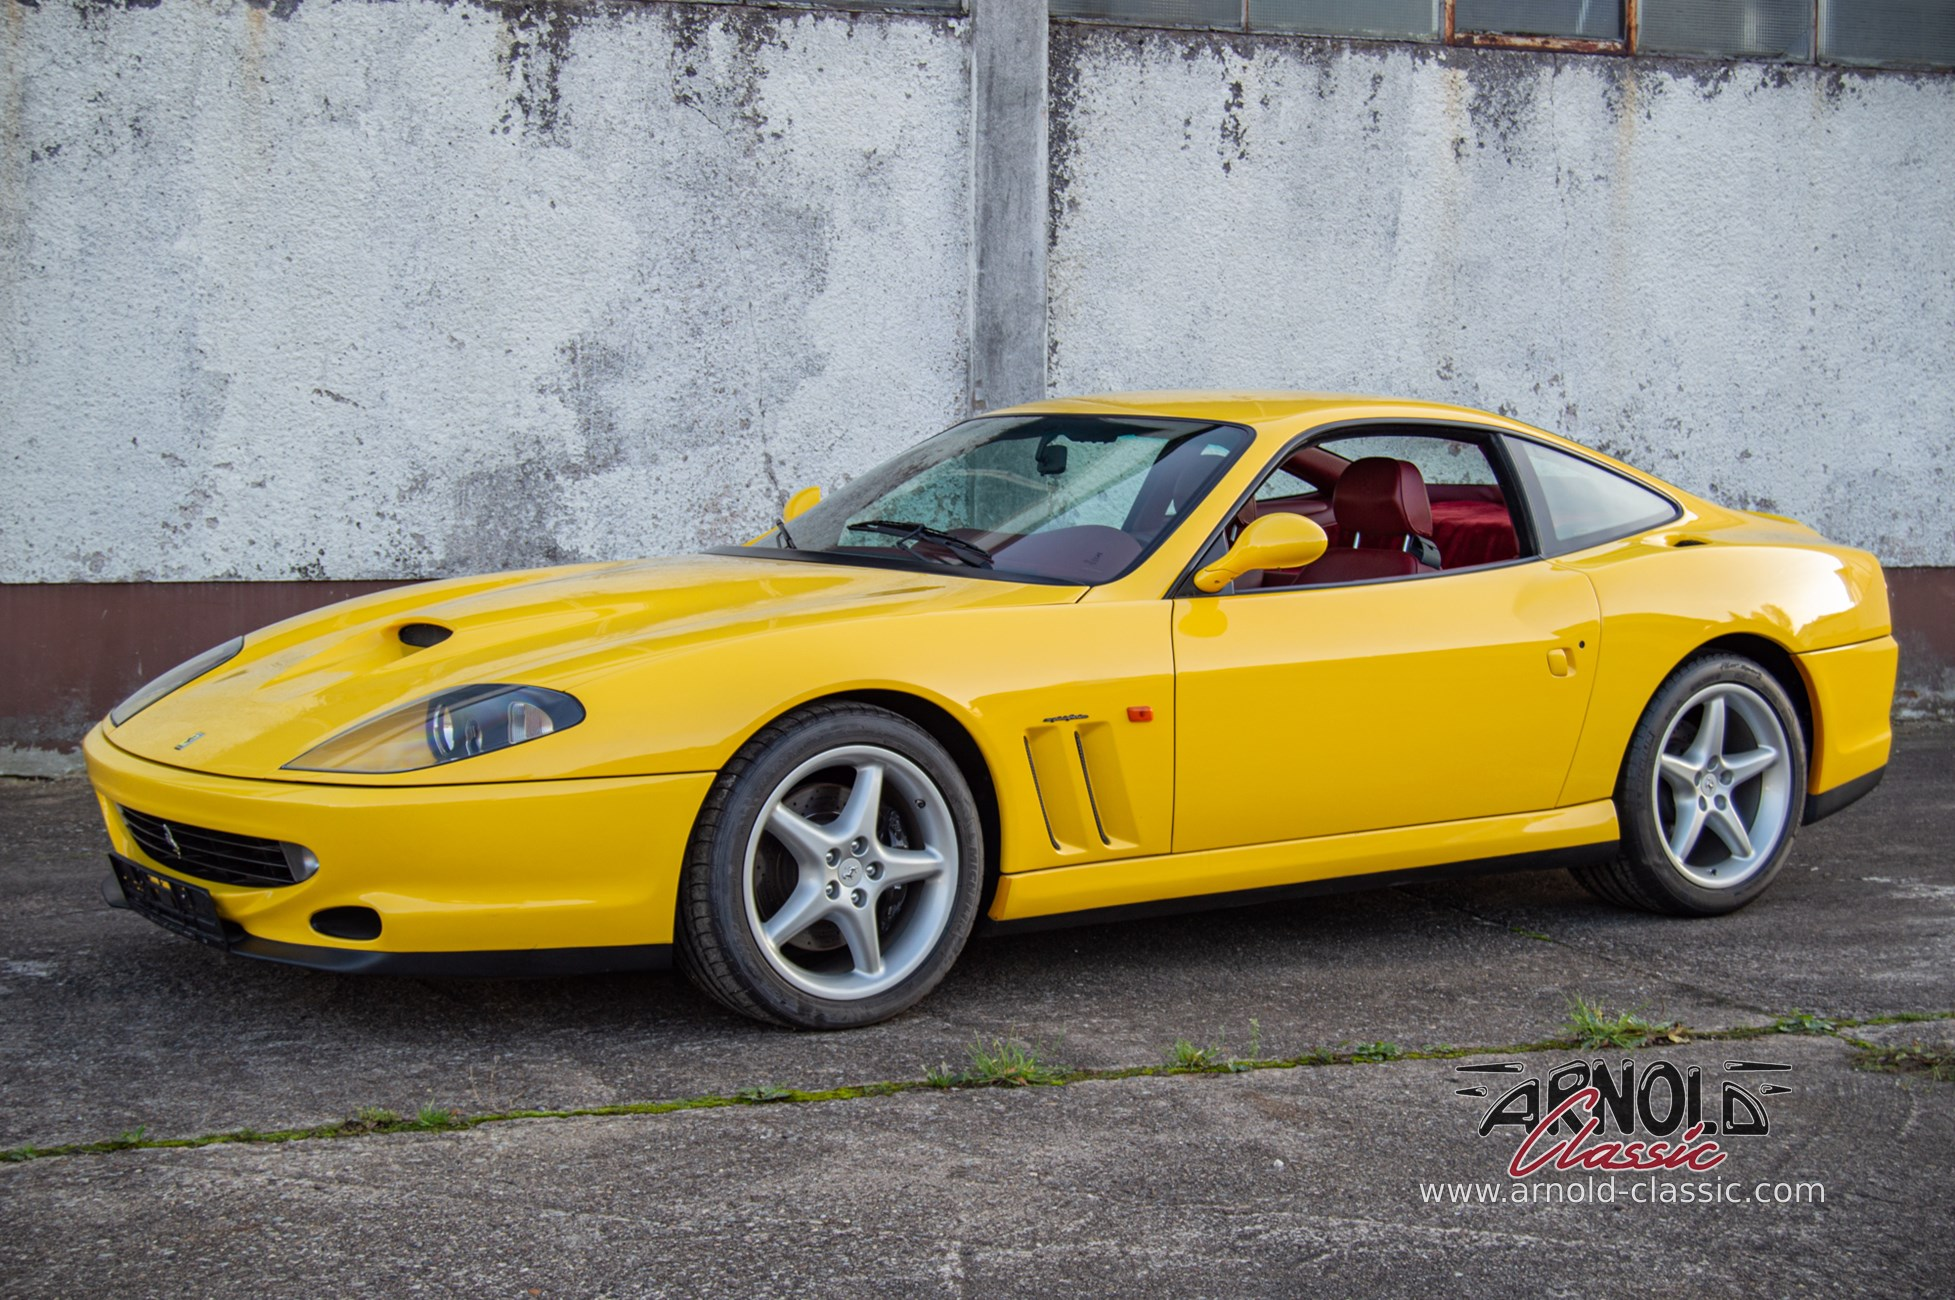 Ferrari 550 Maranello Arnold Classic